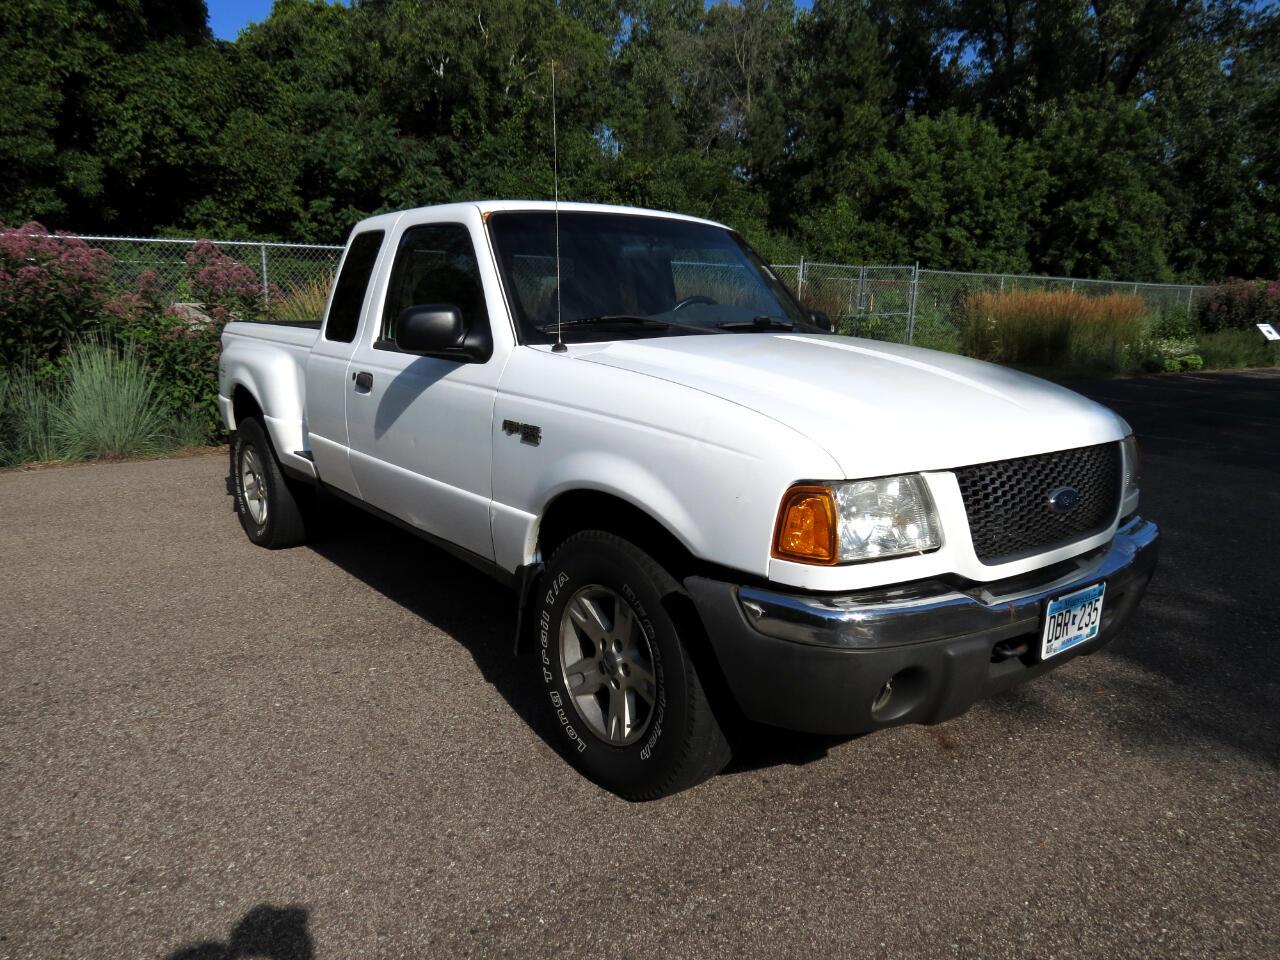 2002 Ford Ranger 4dr Supercab 4.0L XLT FX4 4WD